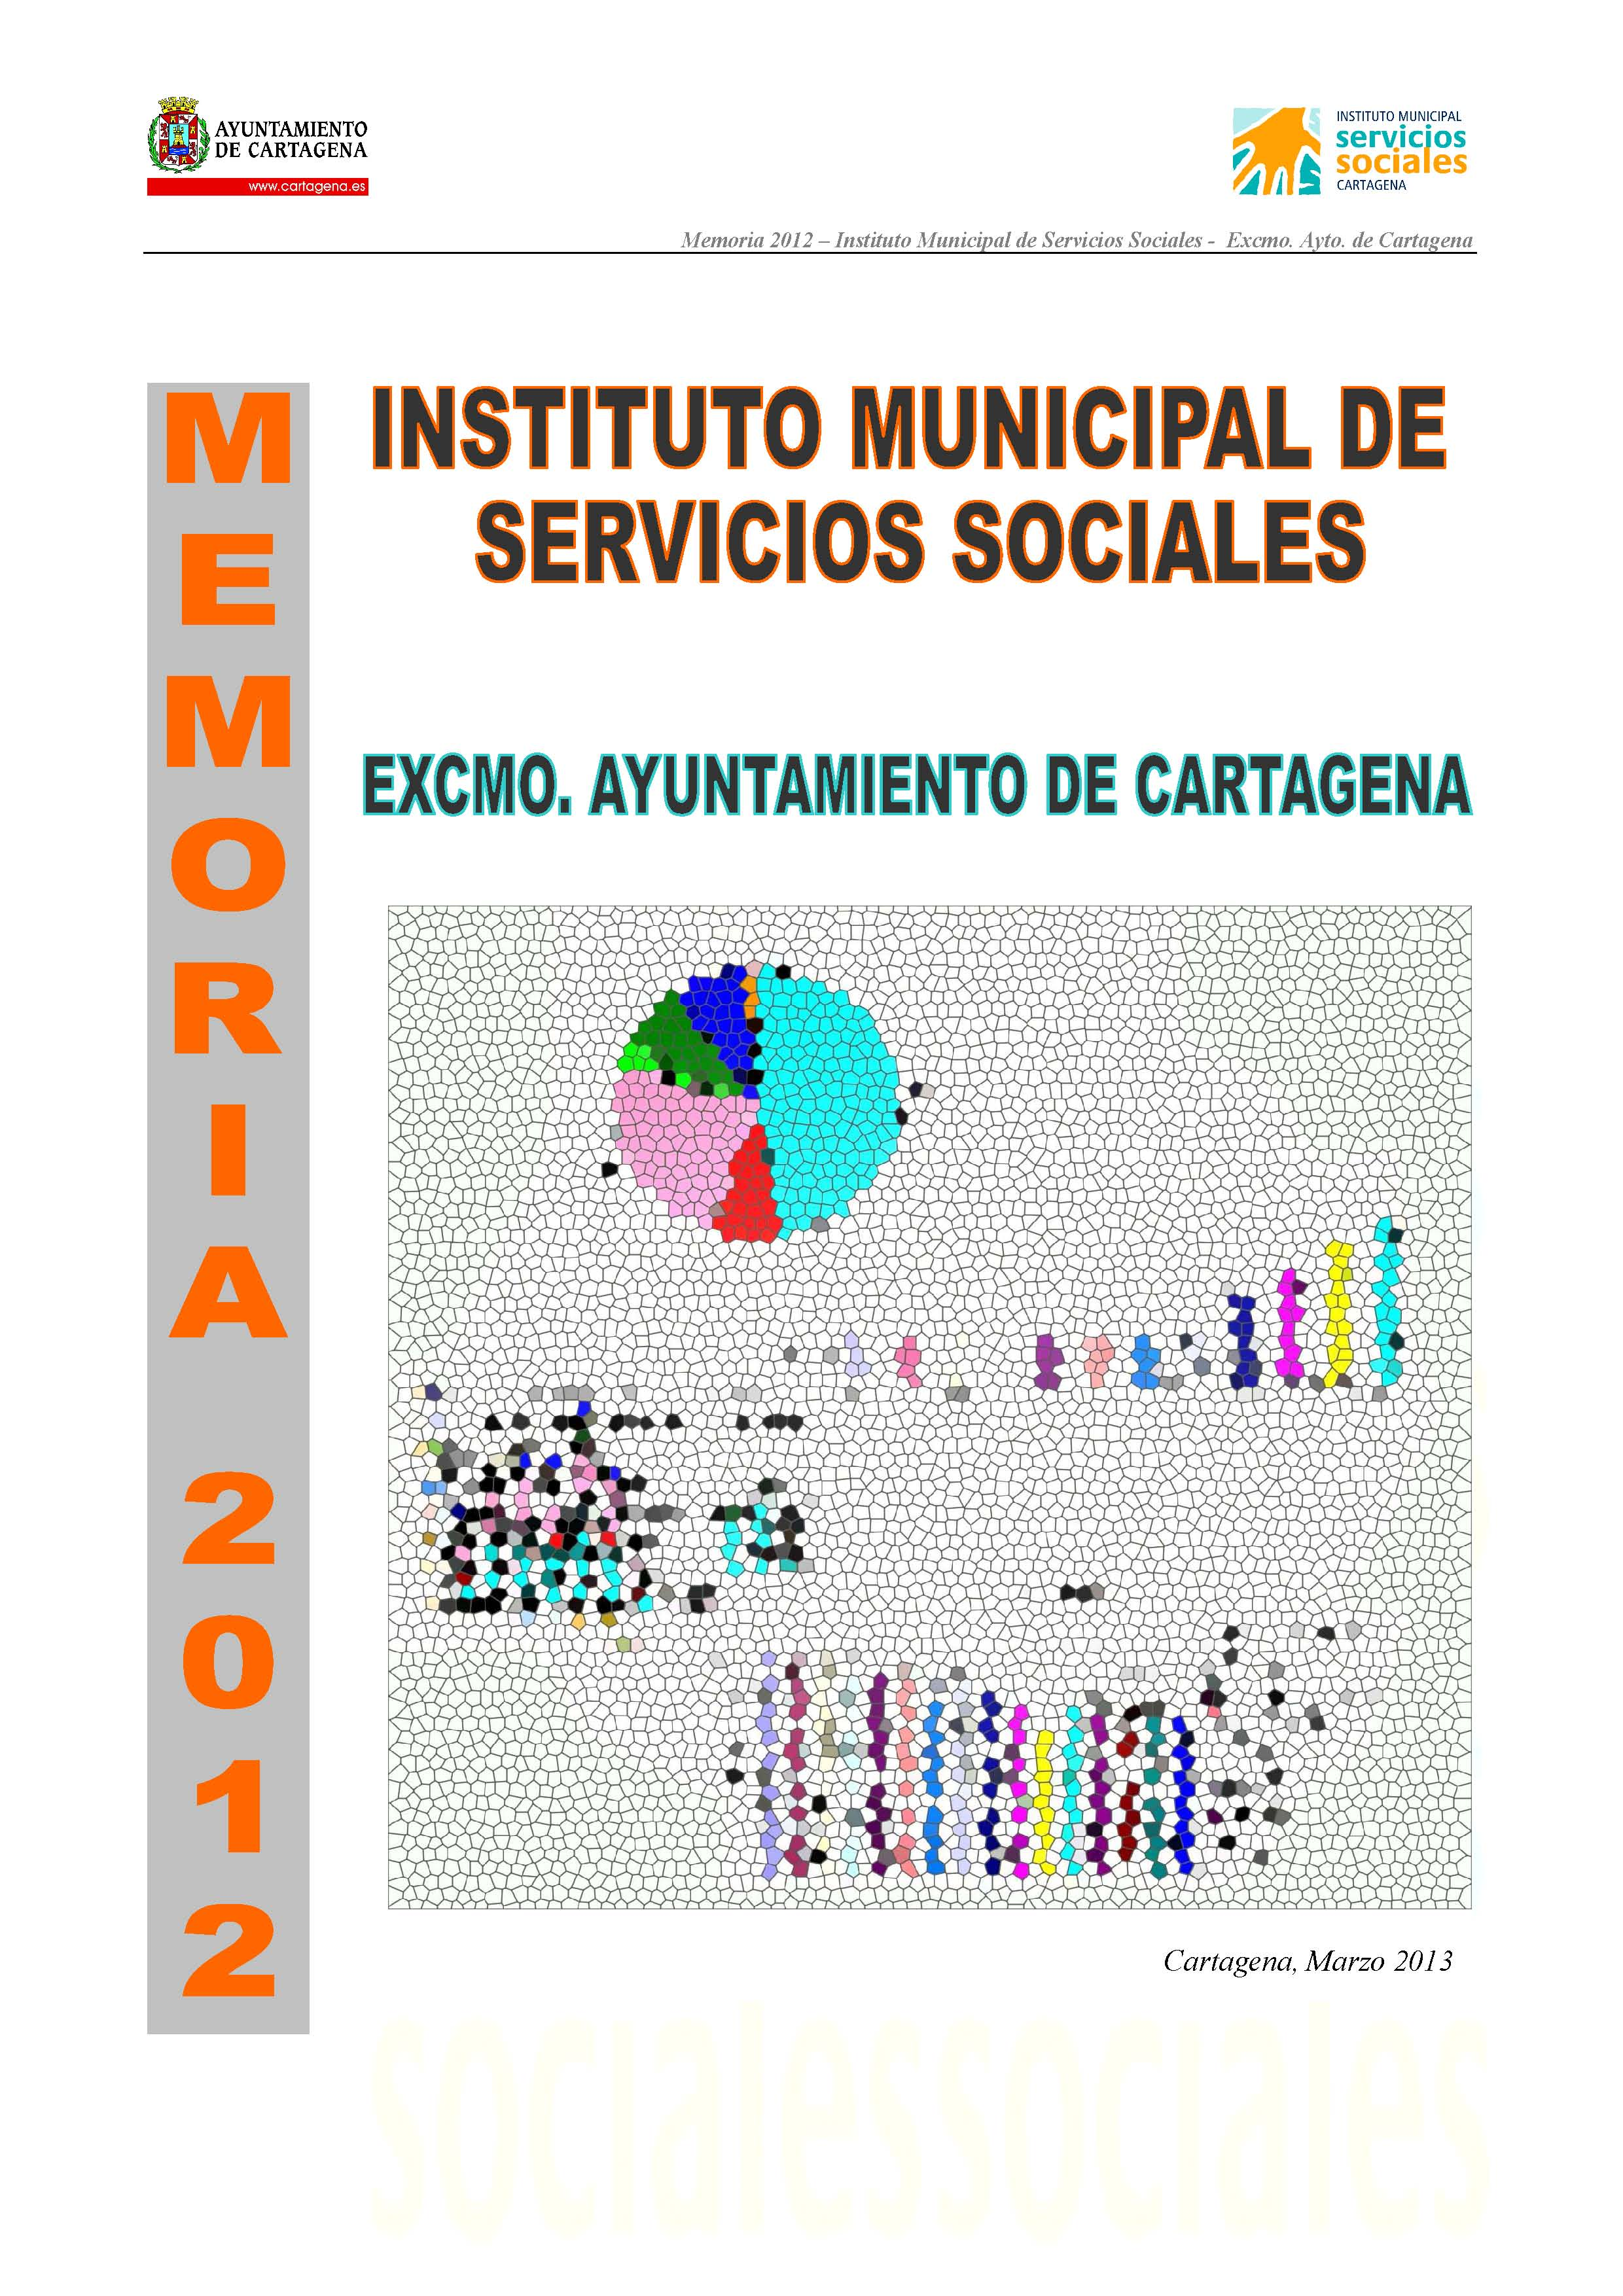 Memoria del Instituto Municipal de Servicios Sociales 2012. Documento PDF - 3,02 MB. Se abre en ventana nueva